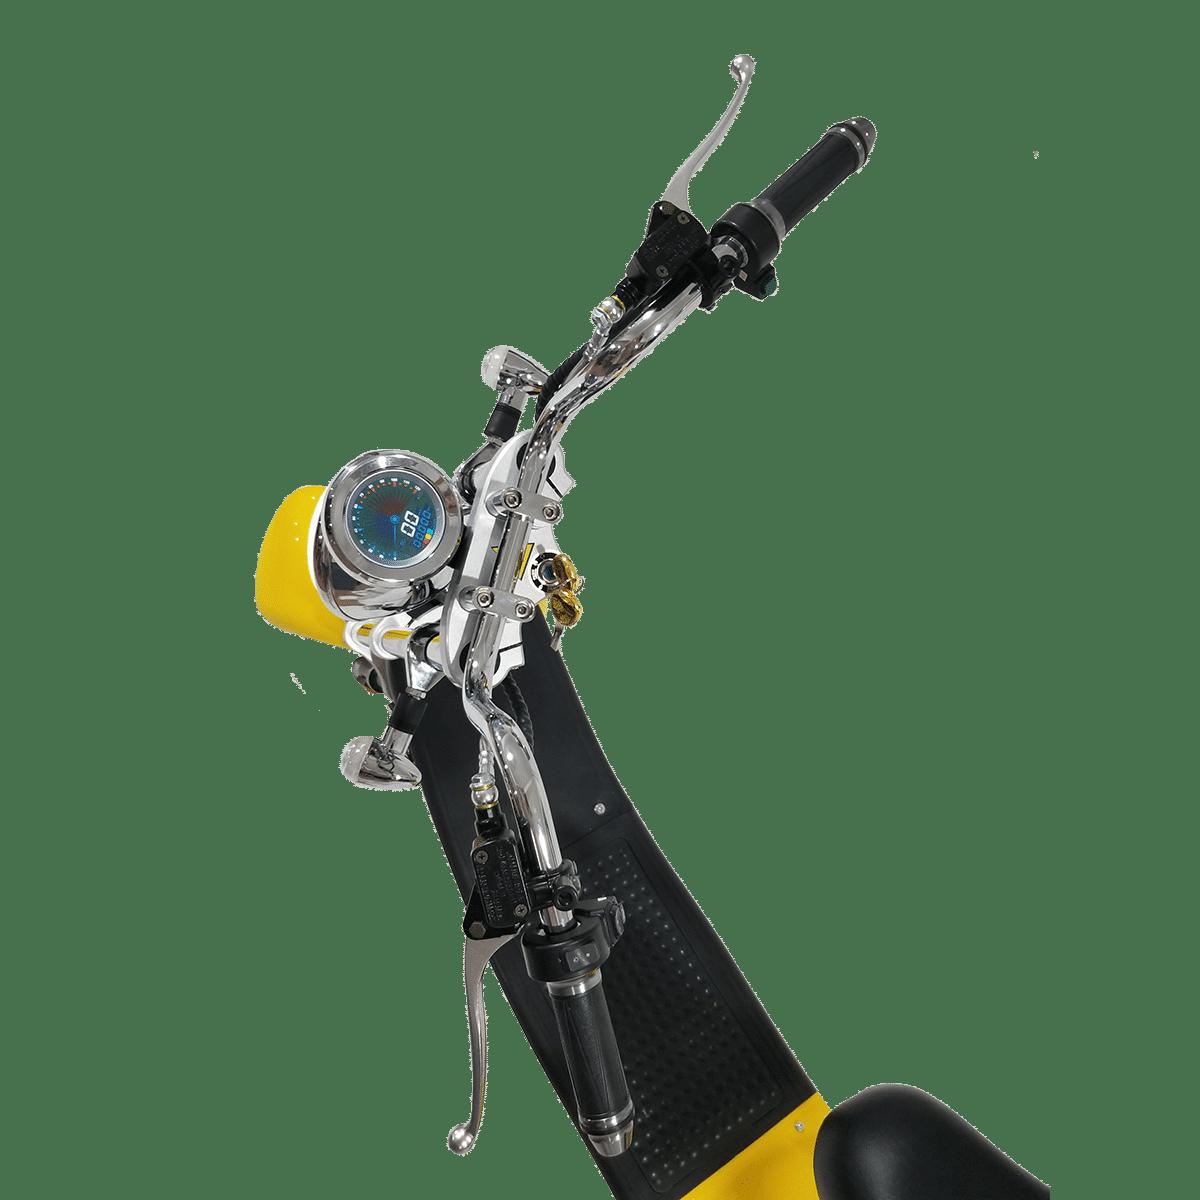 Citycoco Harley Deluxe Jaune 1190€ 5